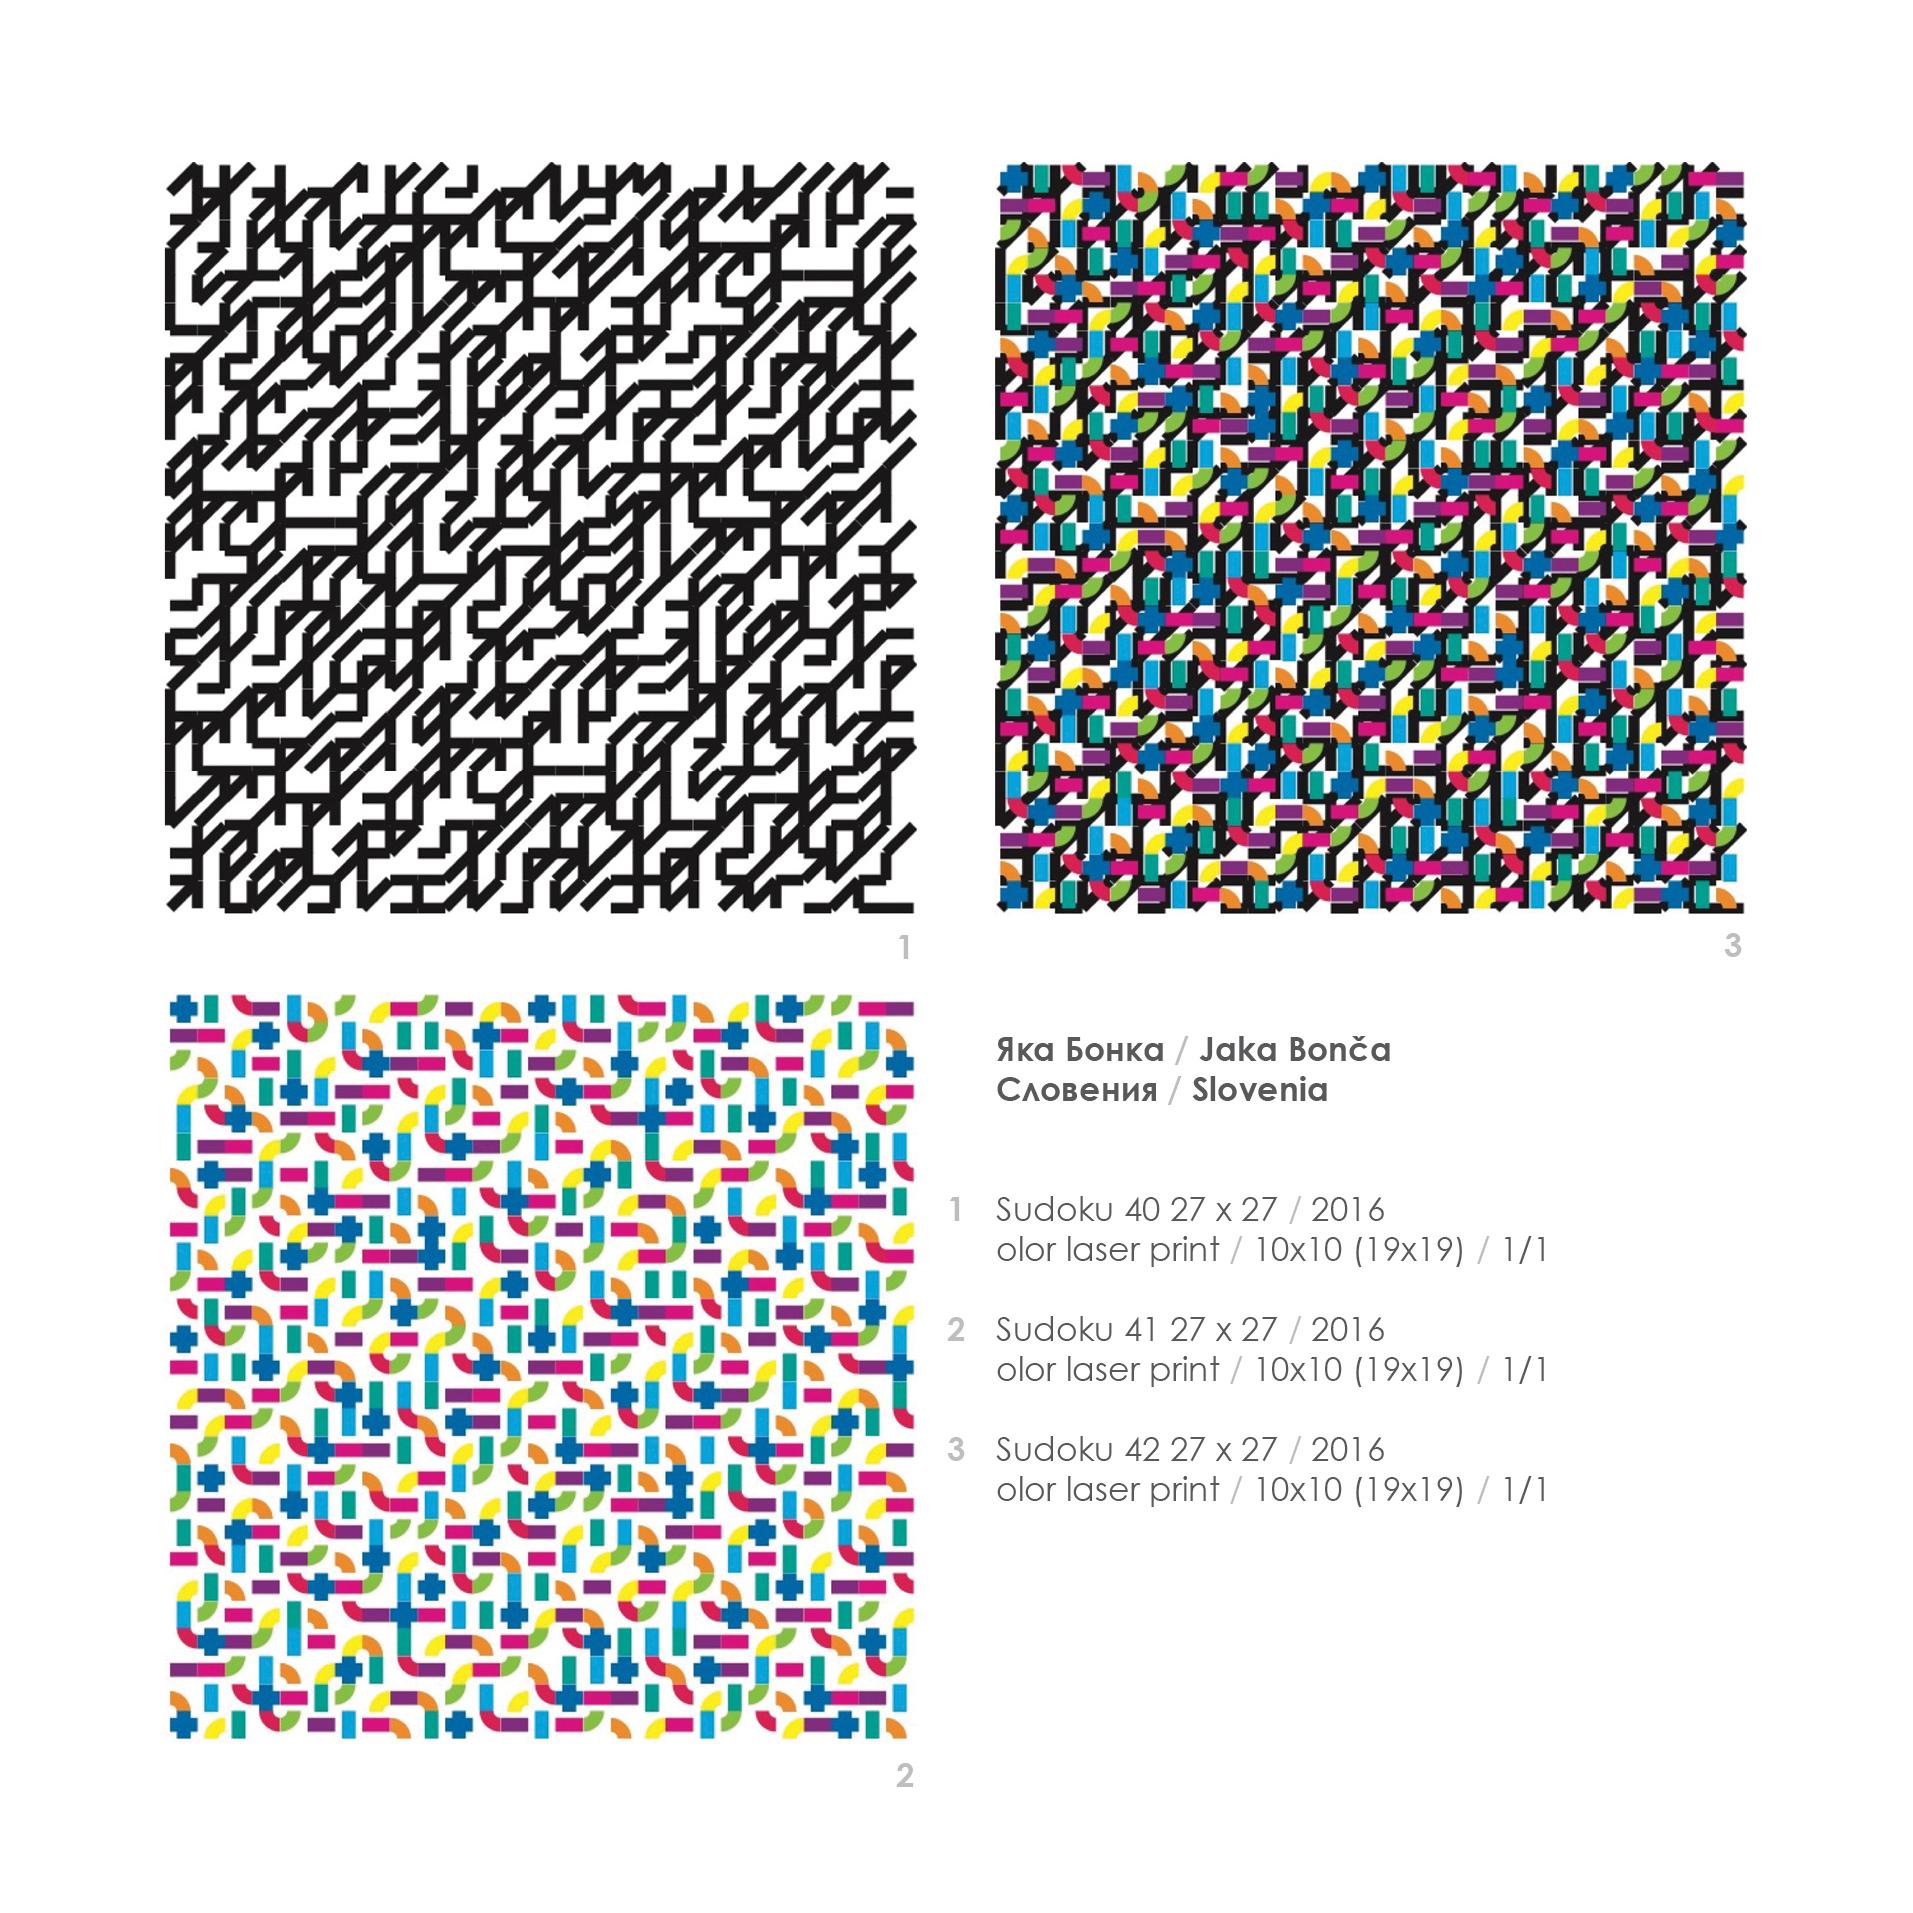 images21.jpg.jpg